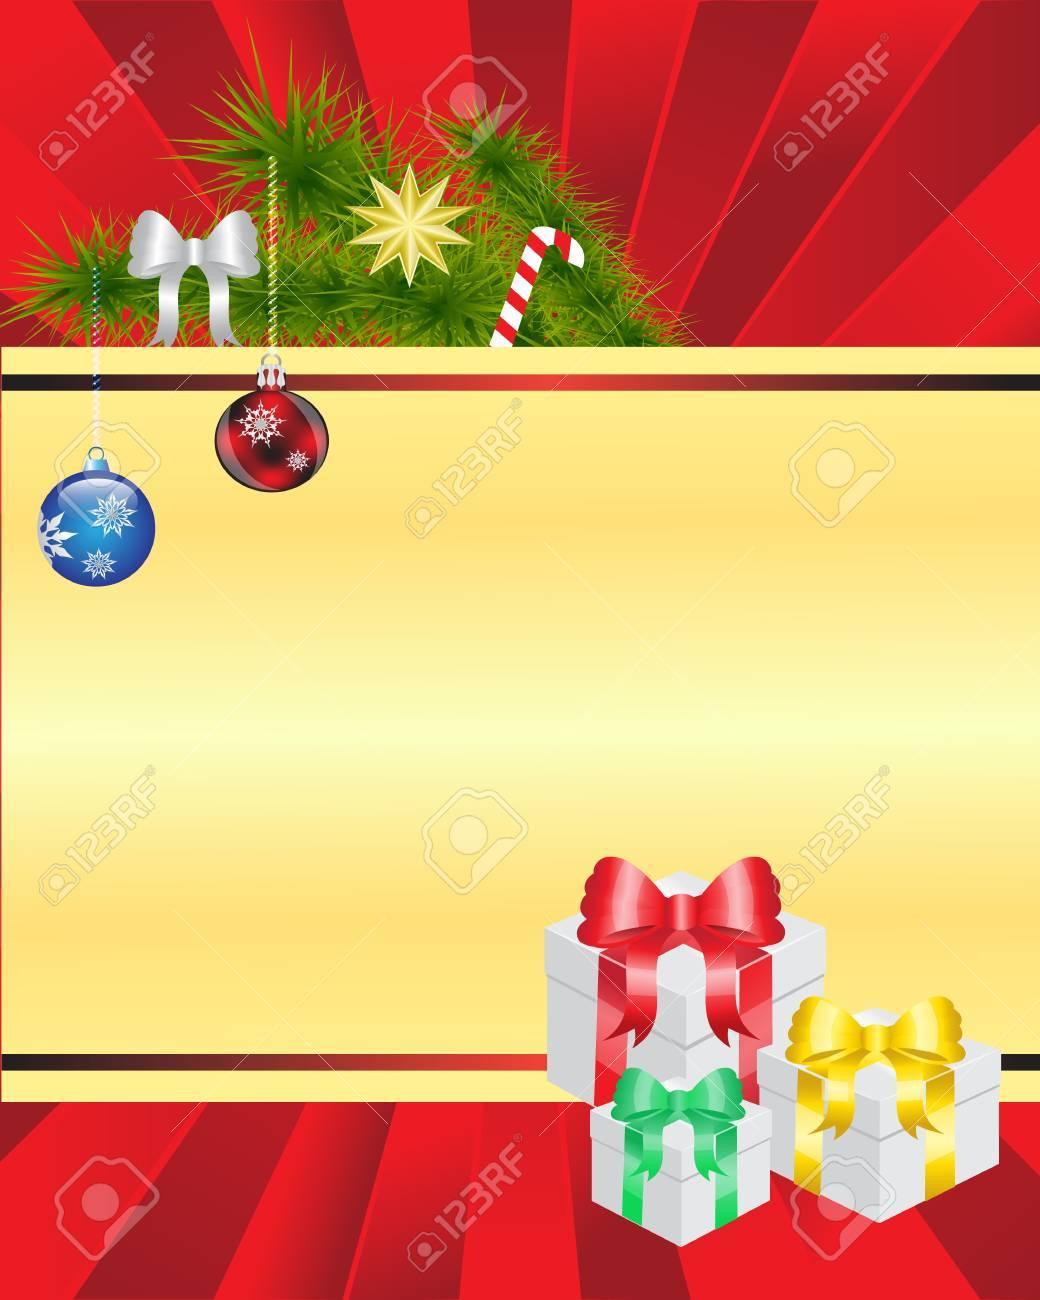 Weihnachten Mit Dem Bild, Das Er Von Fichte Äste, Geschenke ...